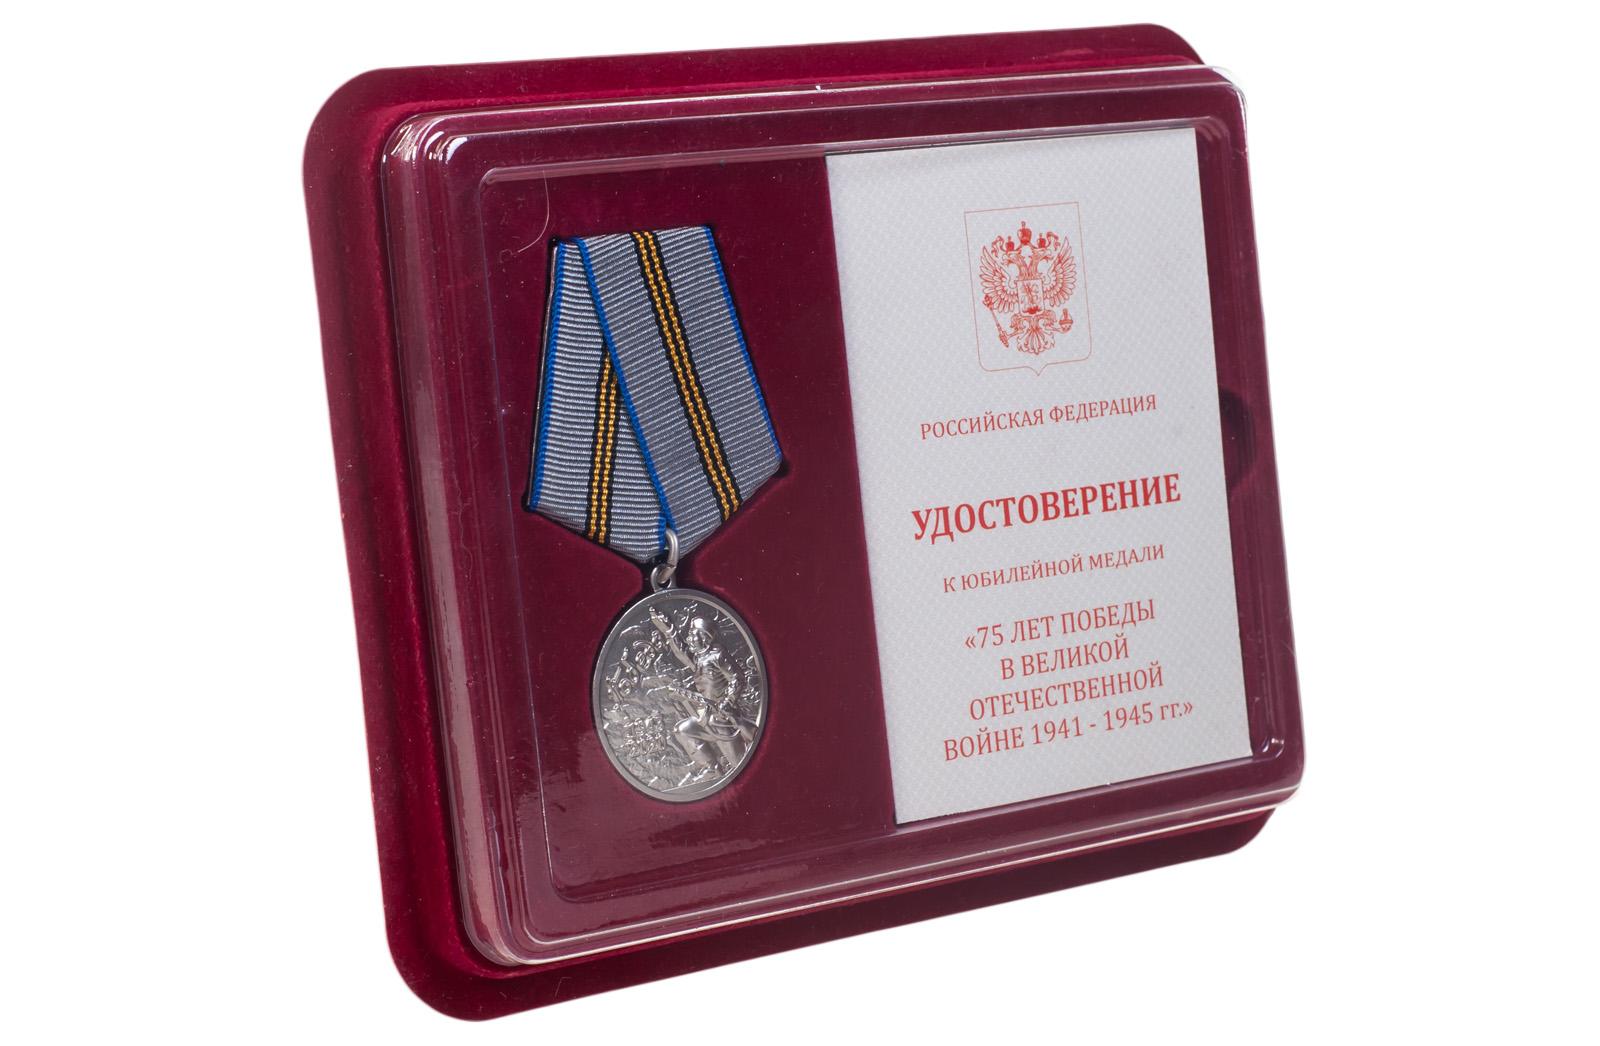 Купить памятную медаль 75 лет Победы в ВОВ 1941-1945 гг. в подарок